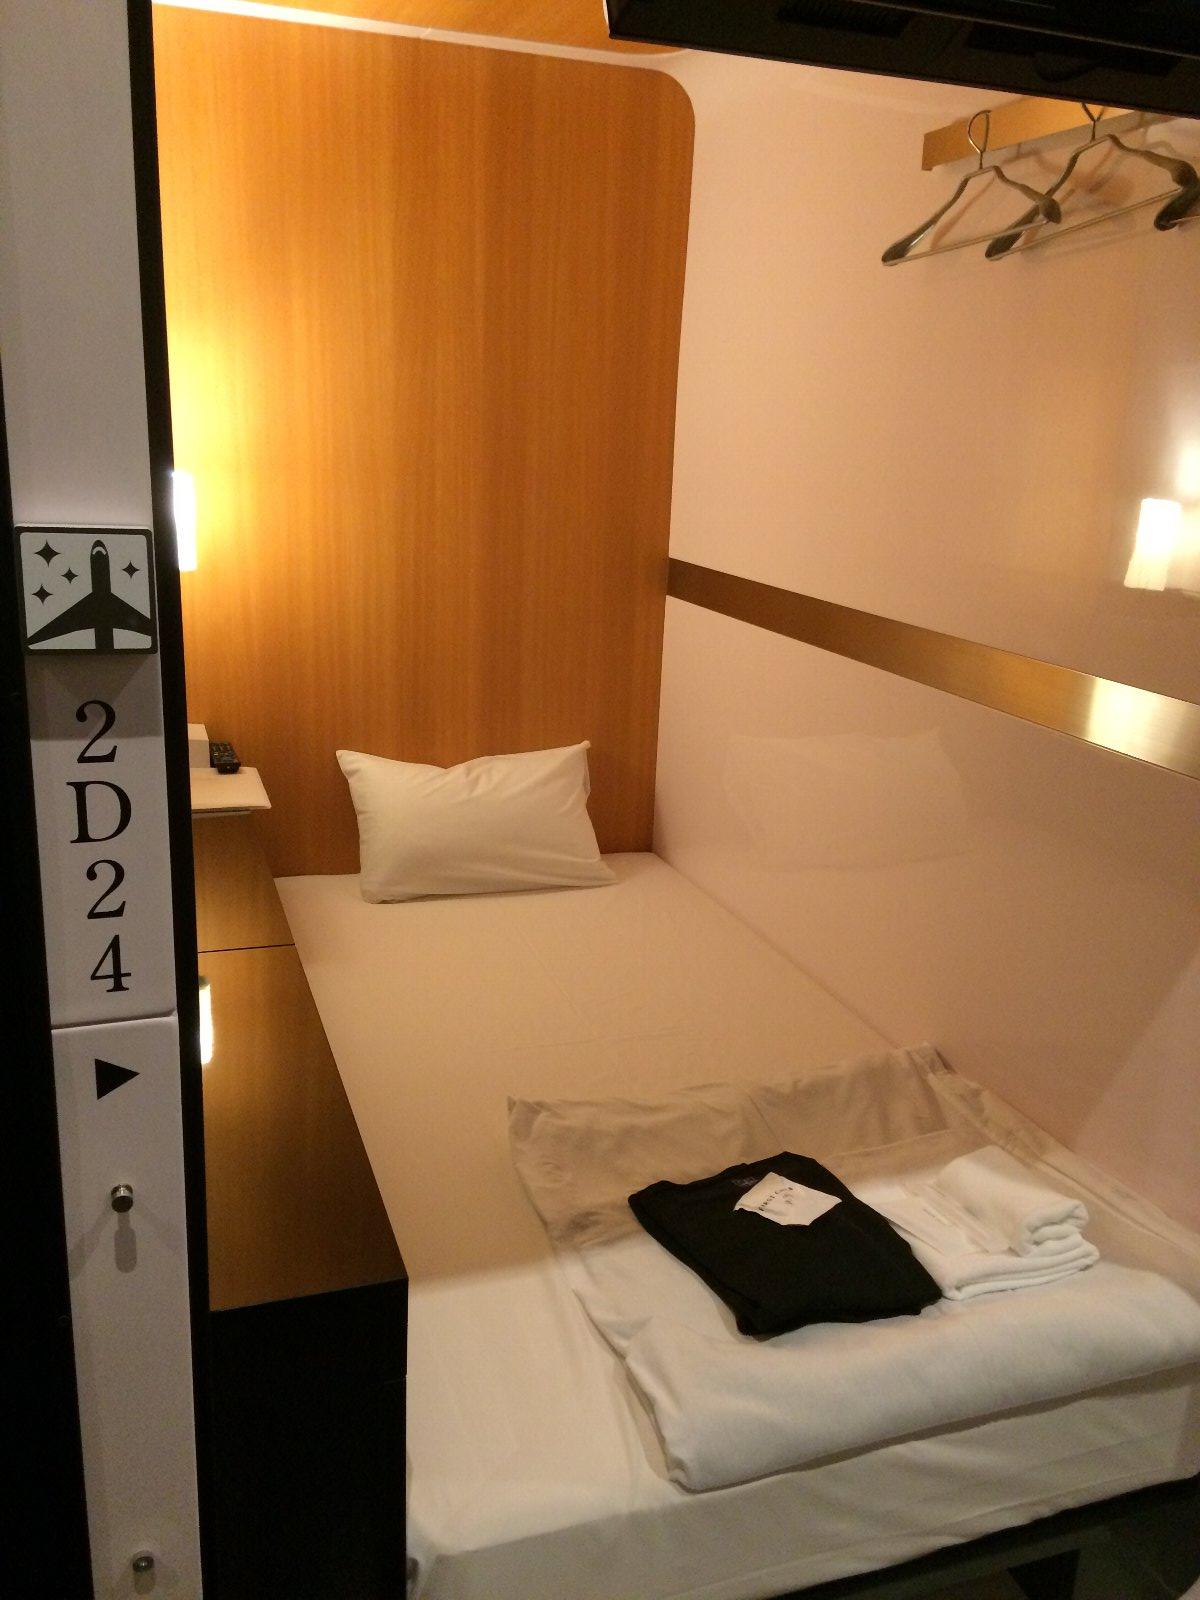 20200222 カプセルホテルなのに大きな部屋